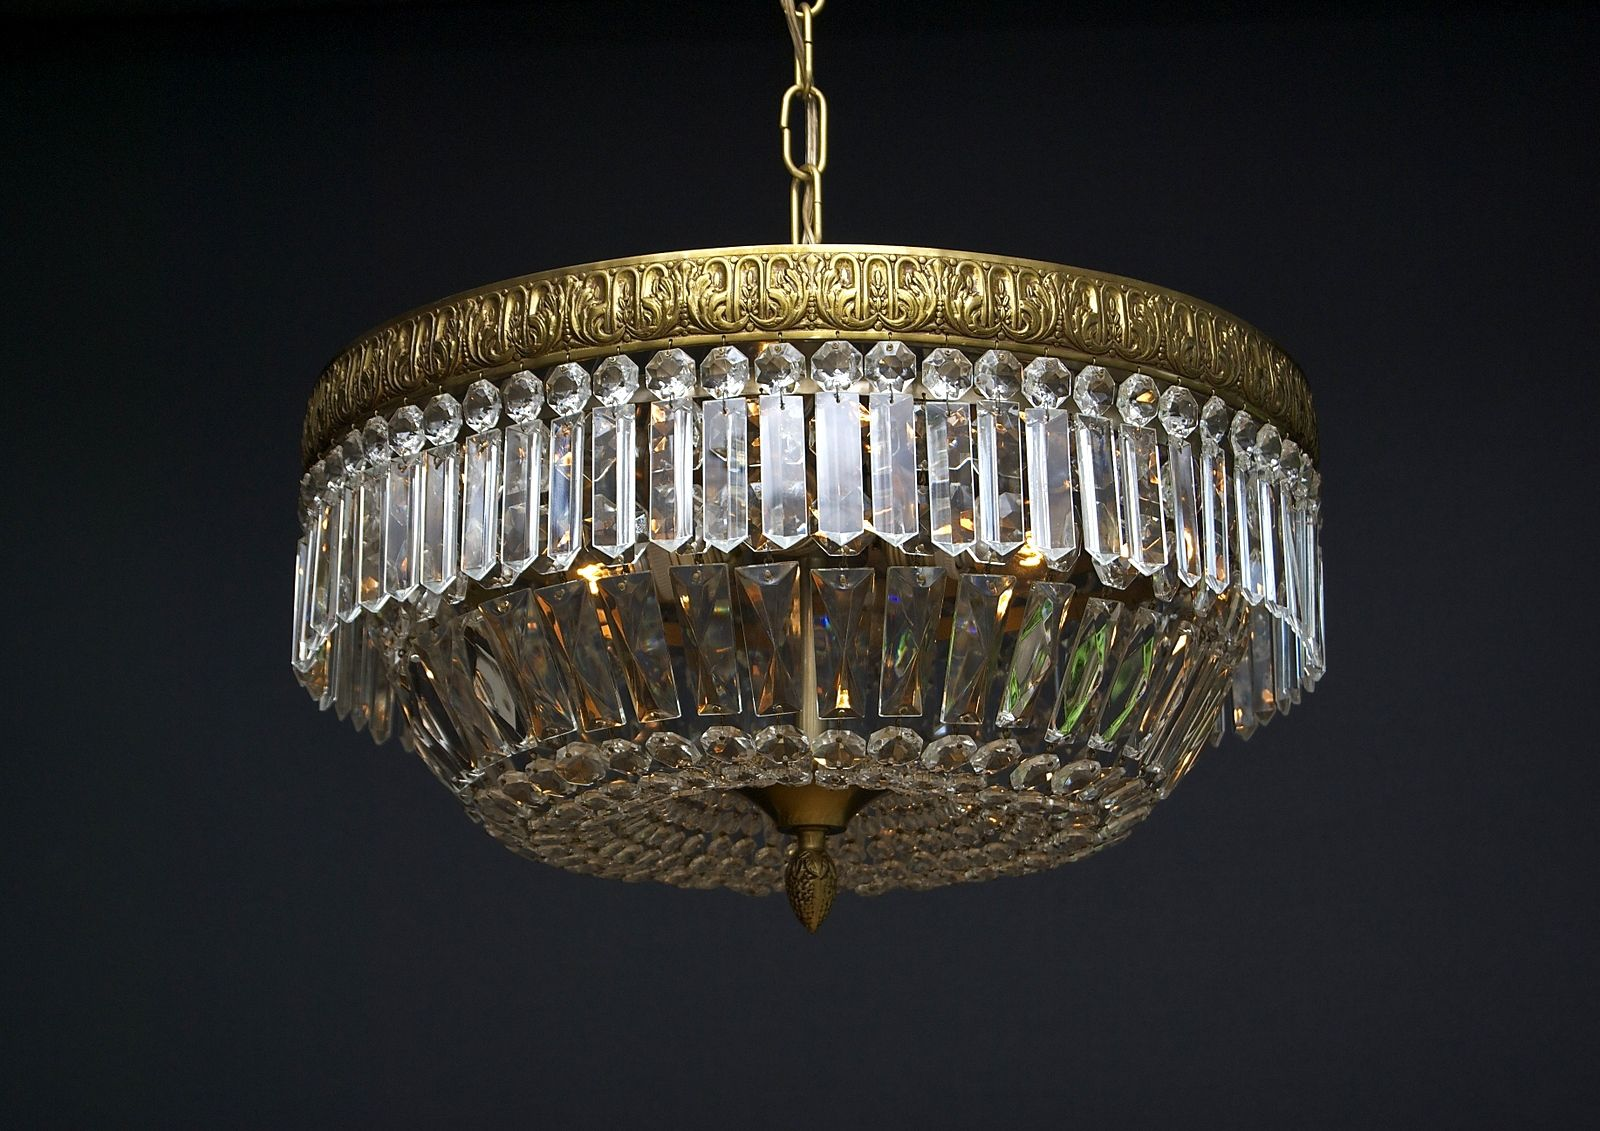 Plafonniere Met Kristallen : Grote kristallen plafonnière met lichtpunten lamps